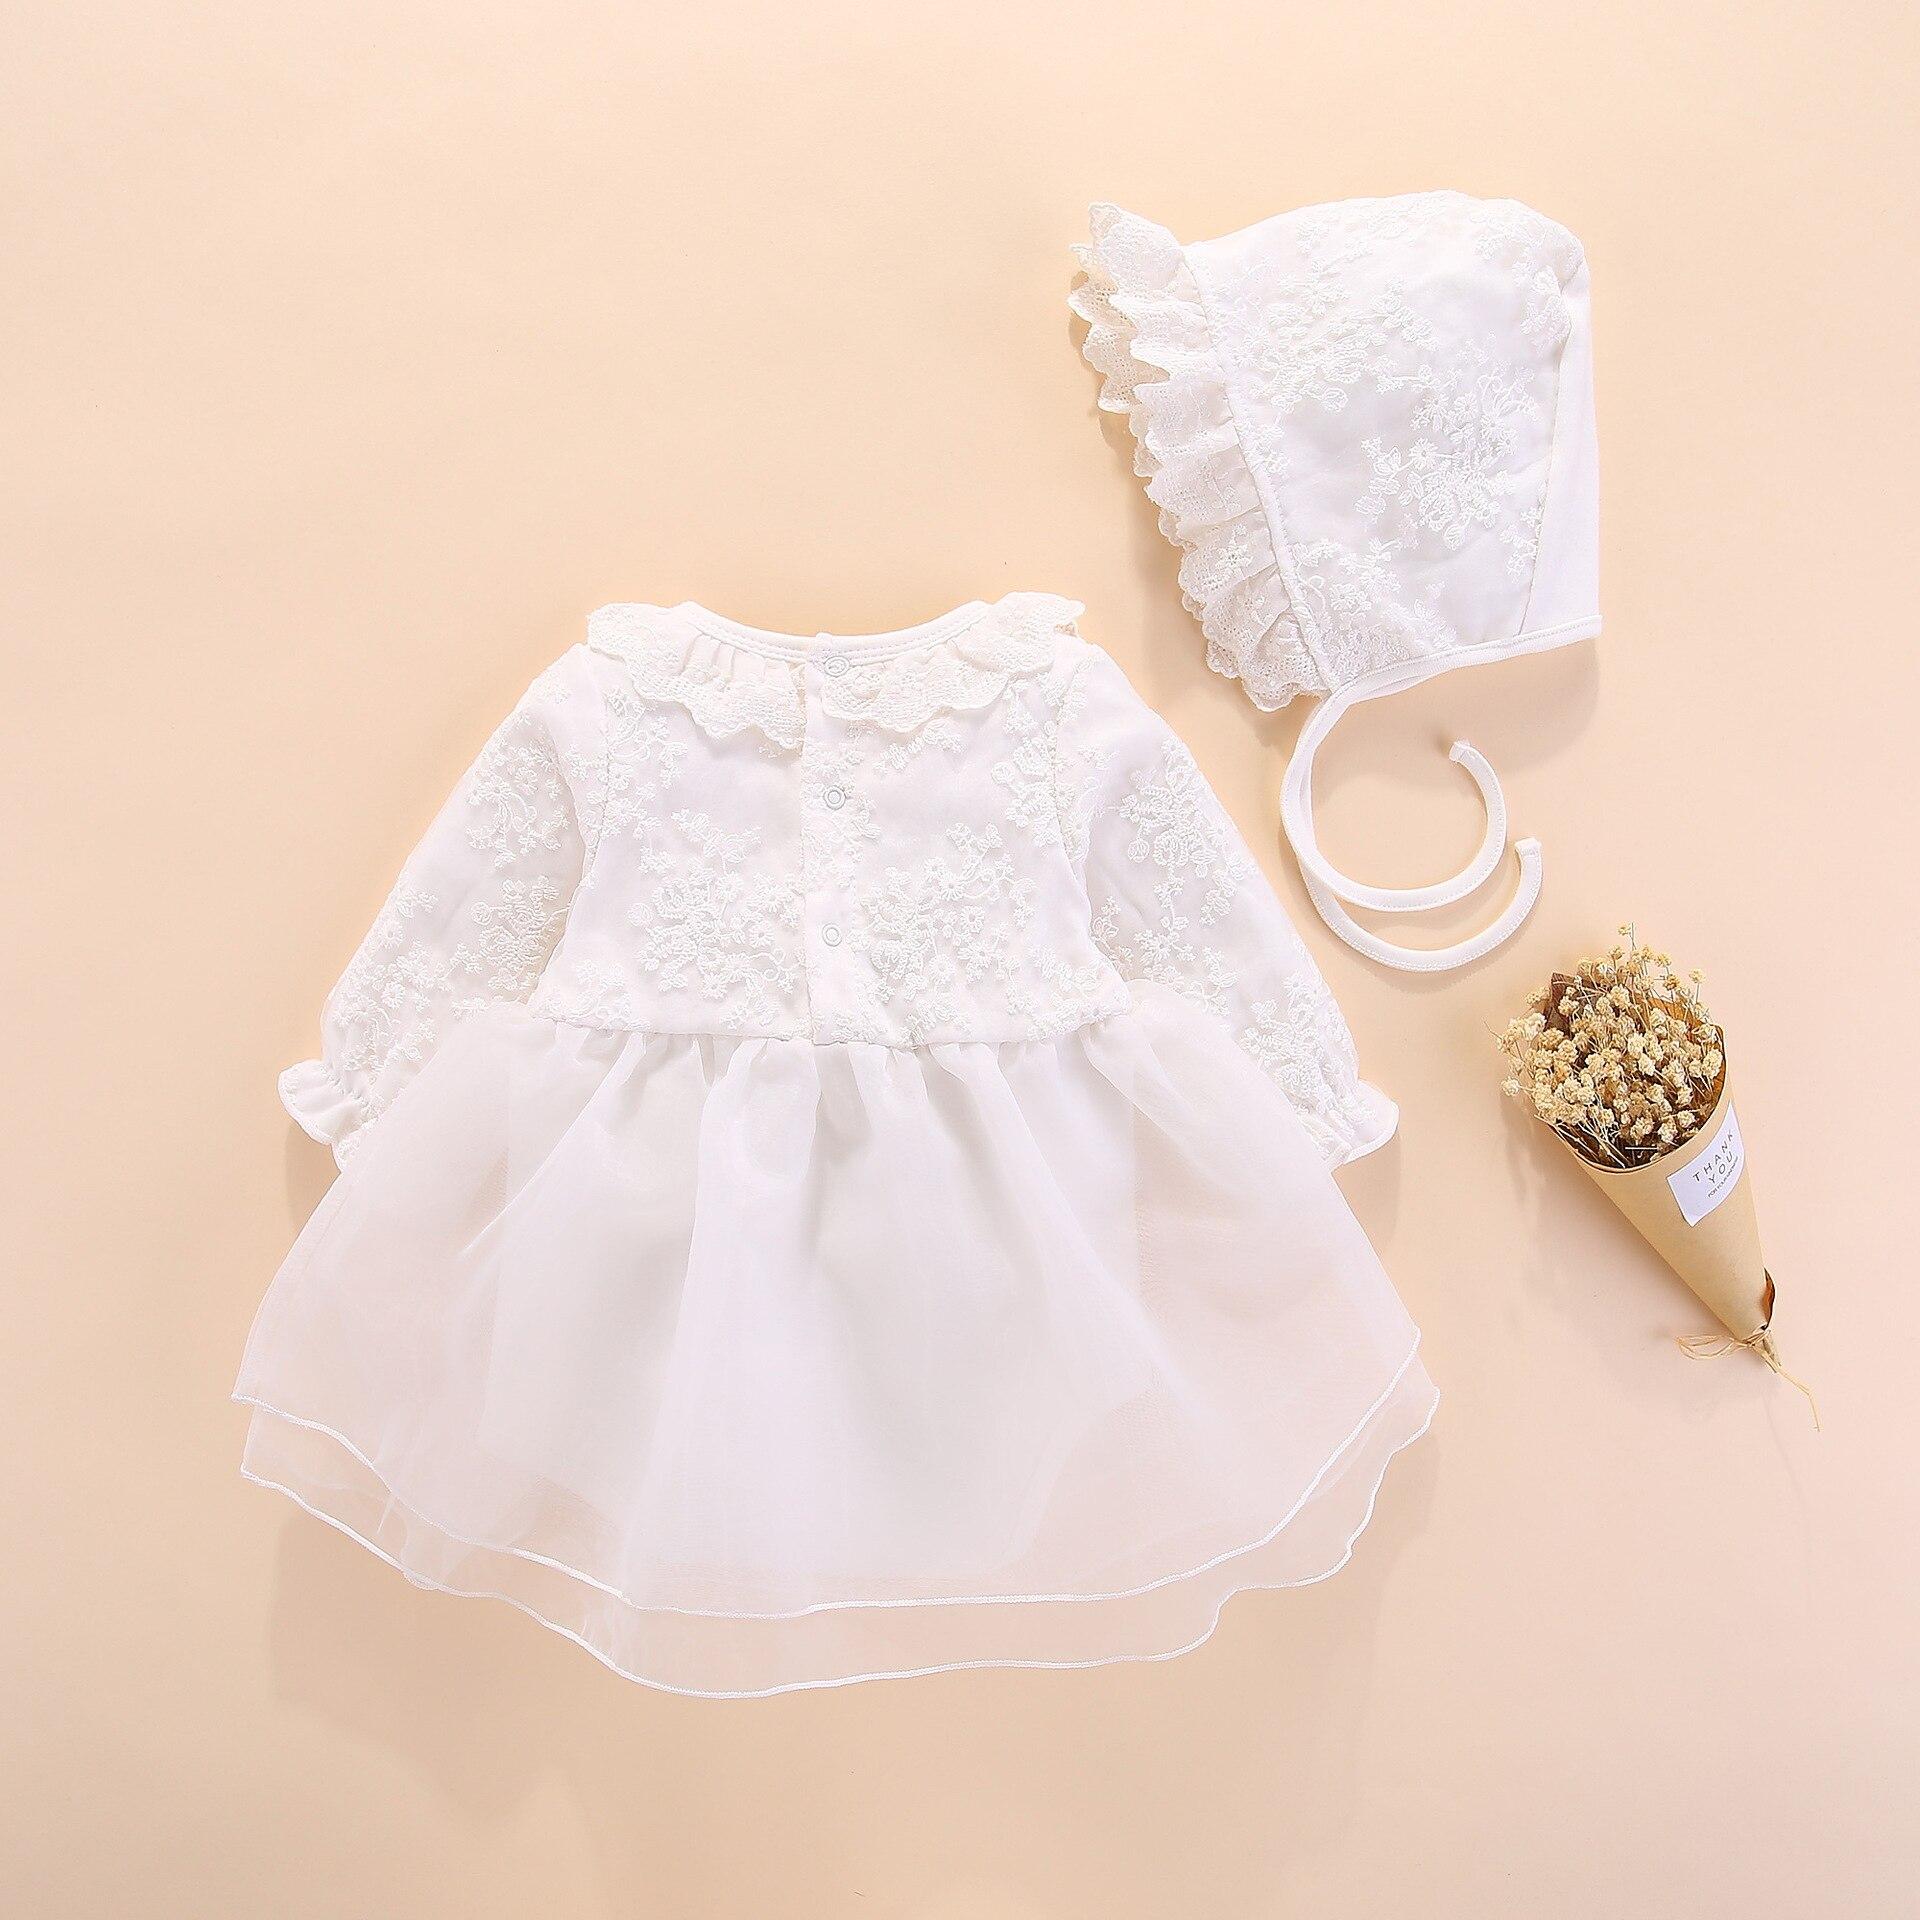 Z długim rękawem dziewczynek sukienka księżniczka i na ślub chrzest dzieci sukienki noworodka dziewczynka ubrania różowy zestaw z kapeluszem koronkowe